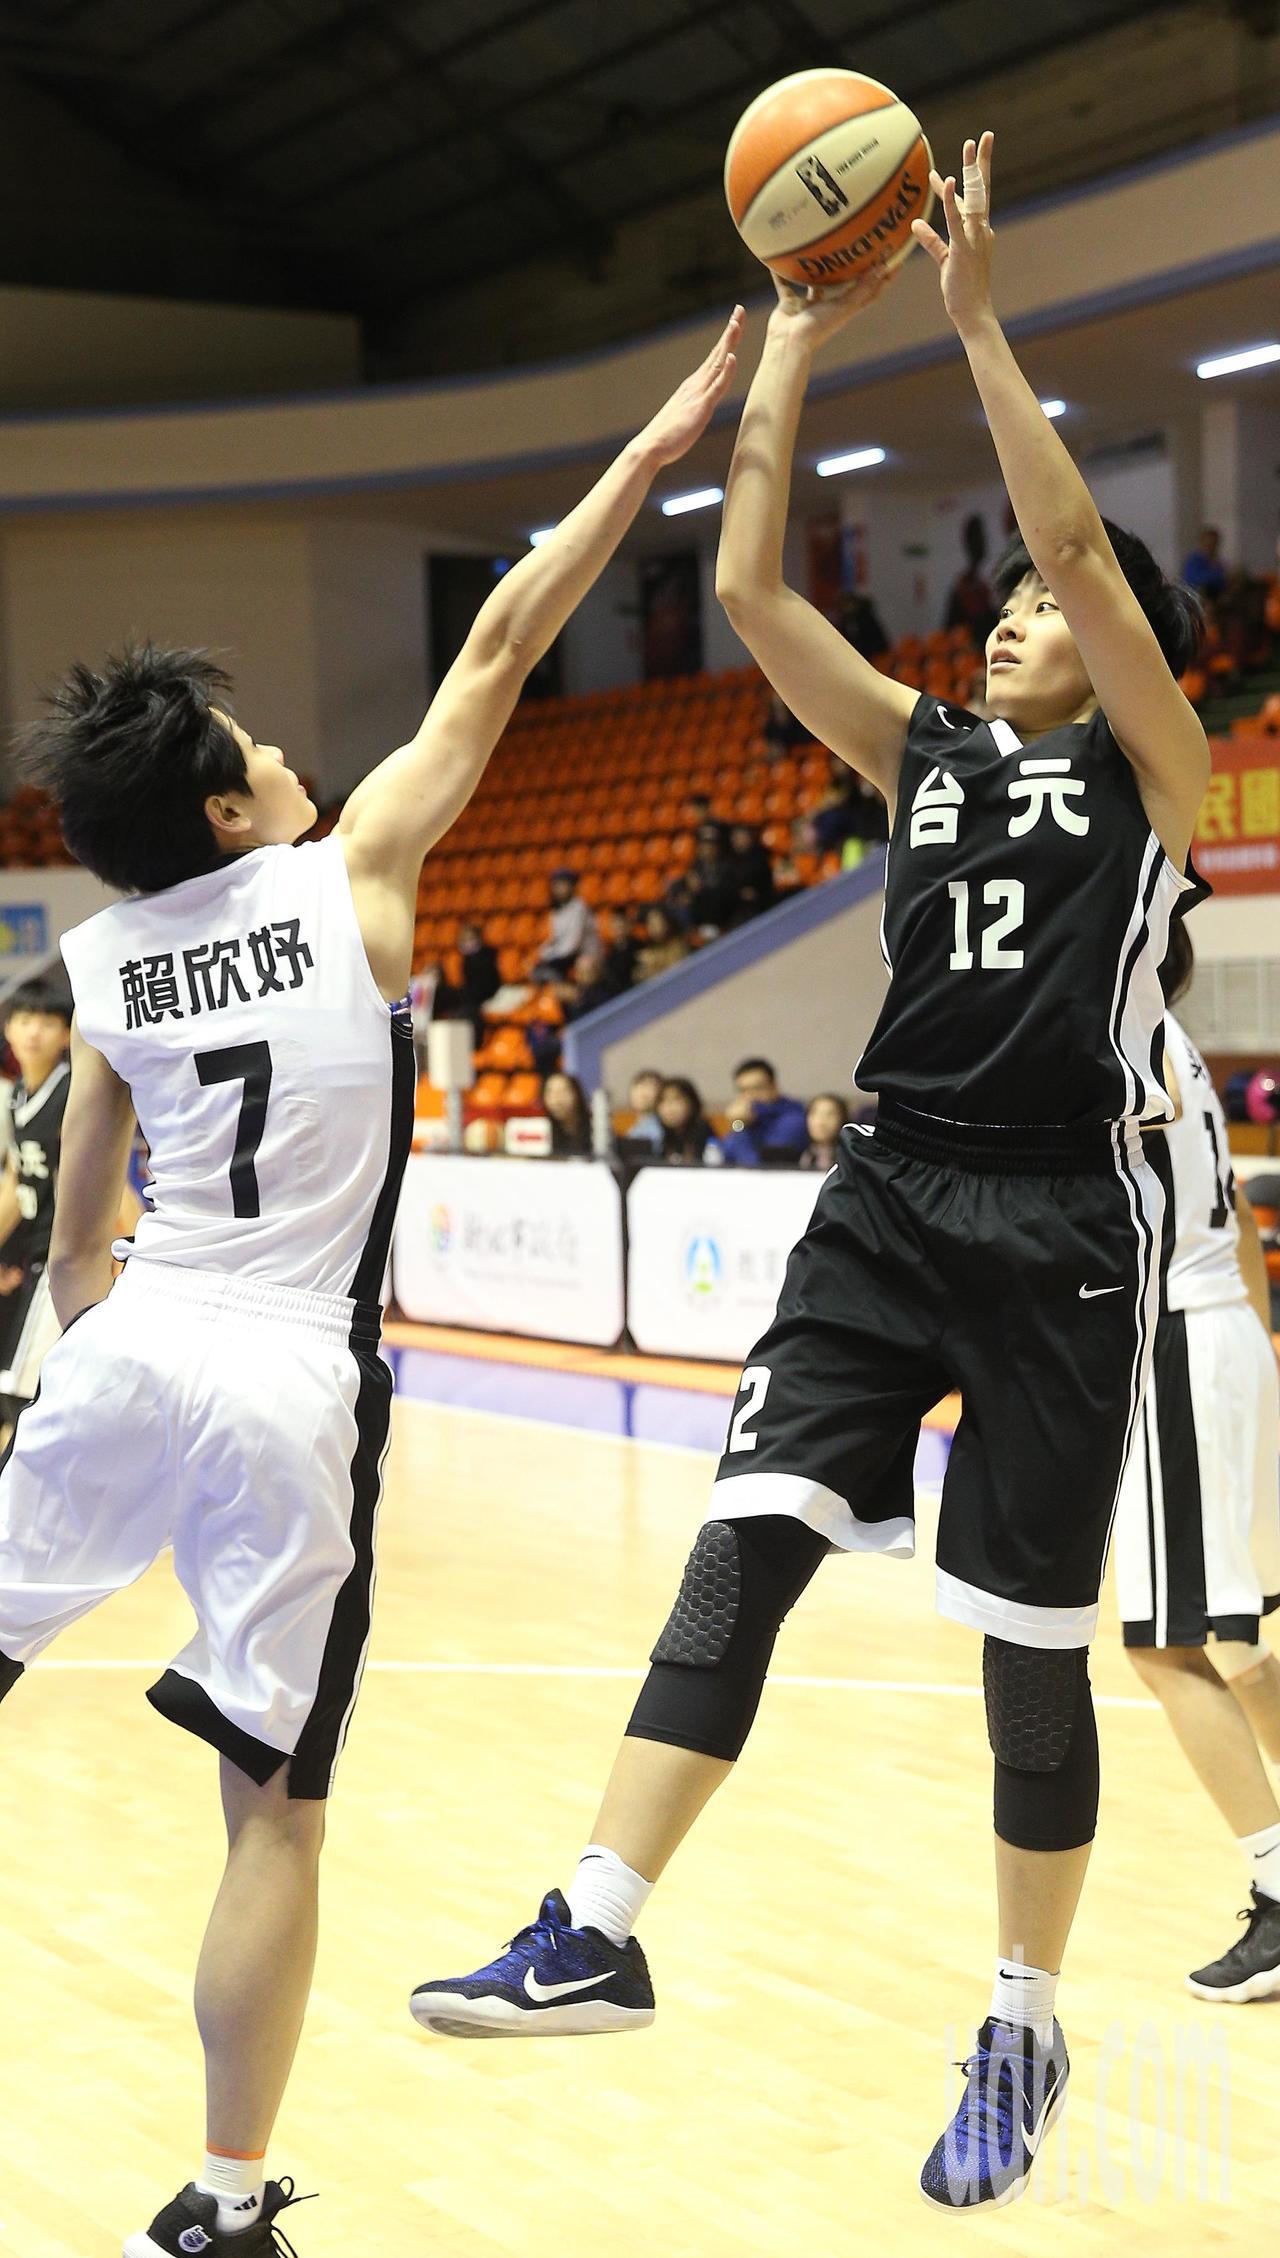 台元對台電,台元吳盈潔(右)後仰跳投甩開防守球員。記者陳正興/攝影